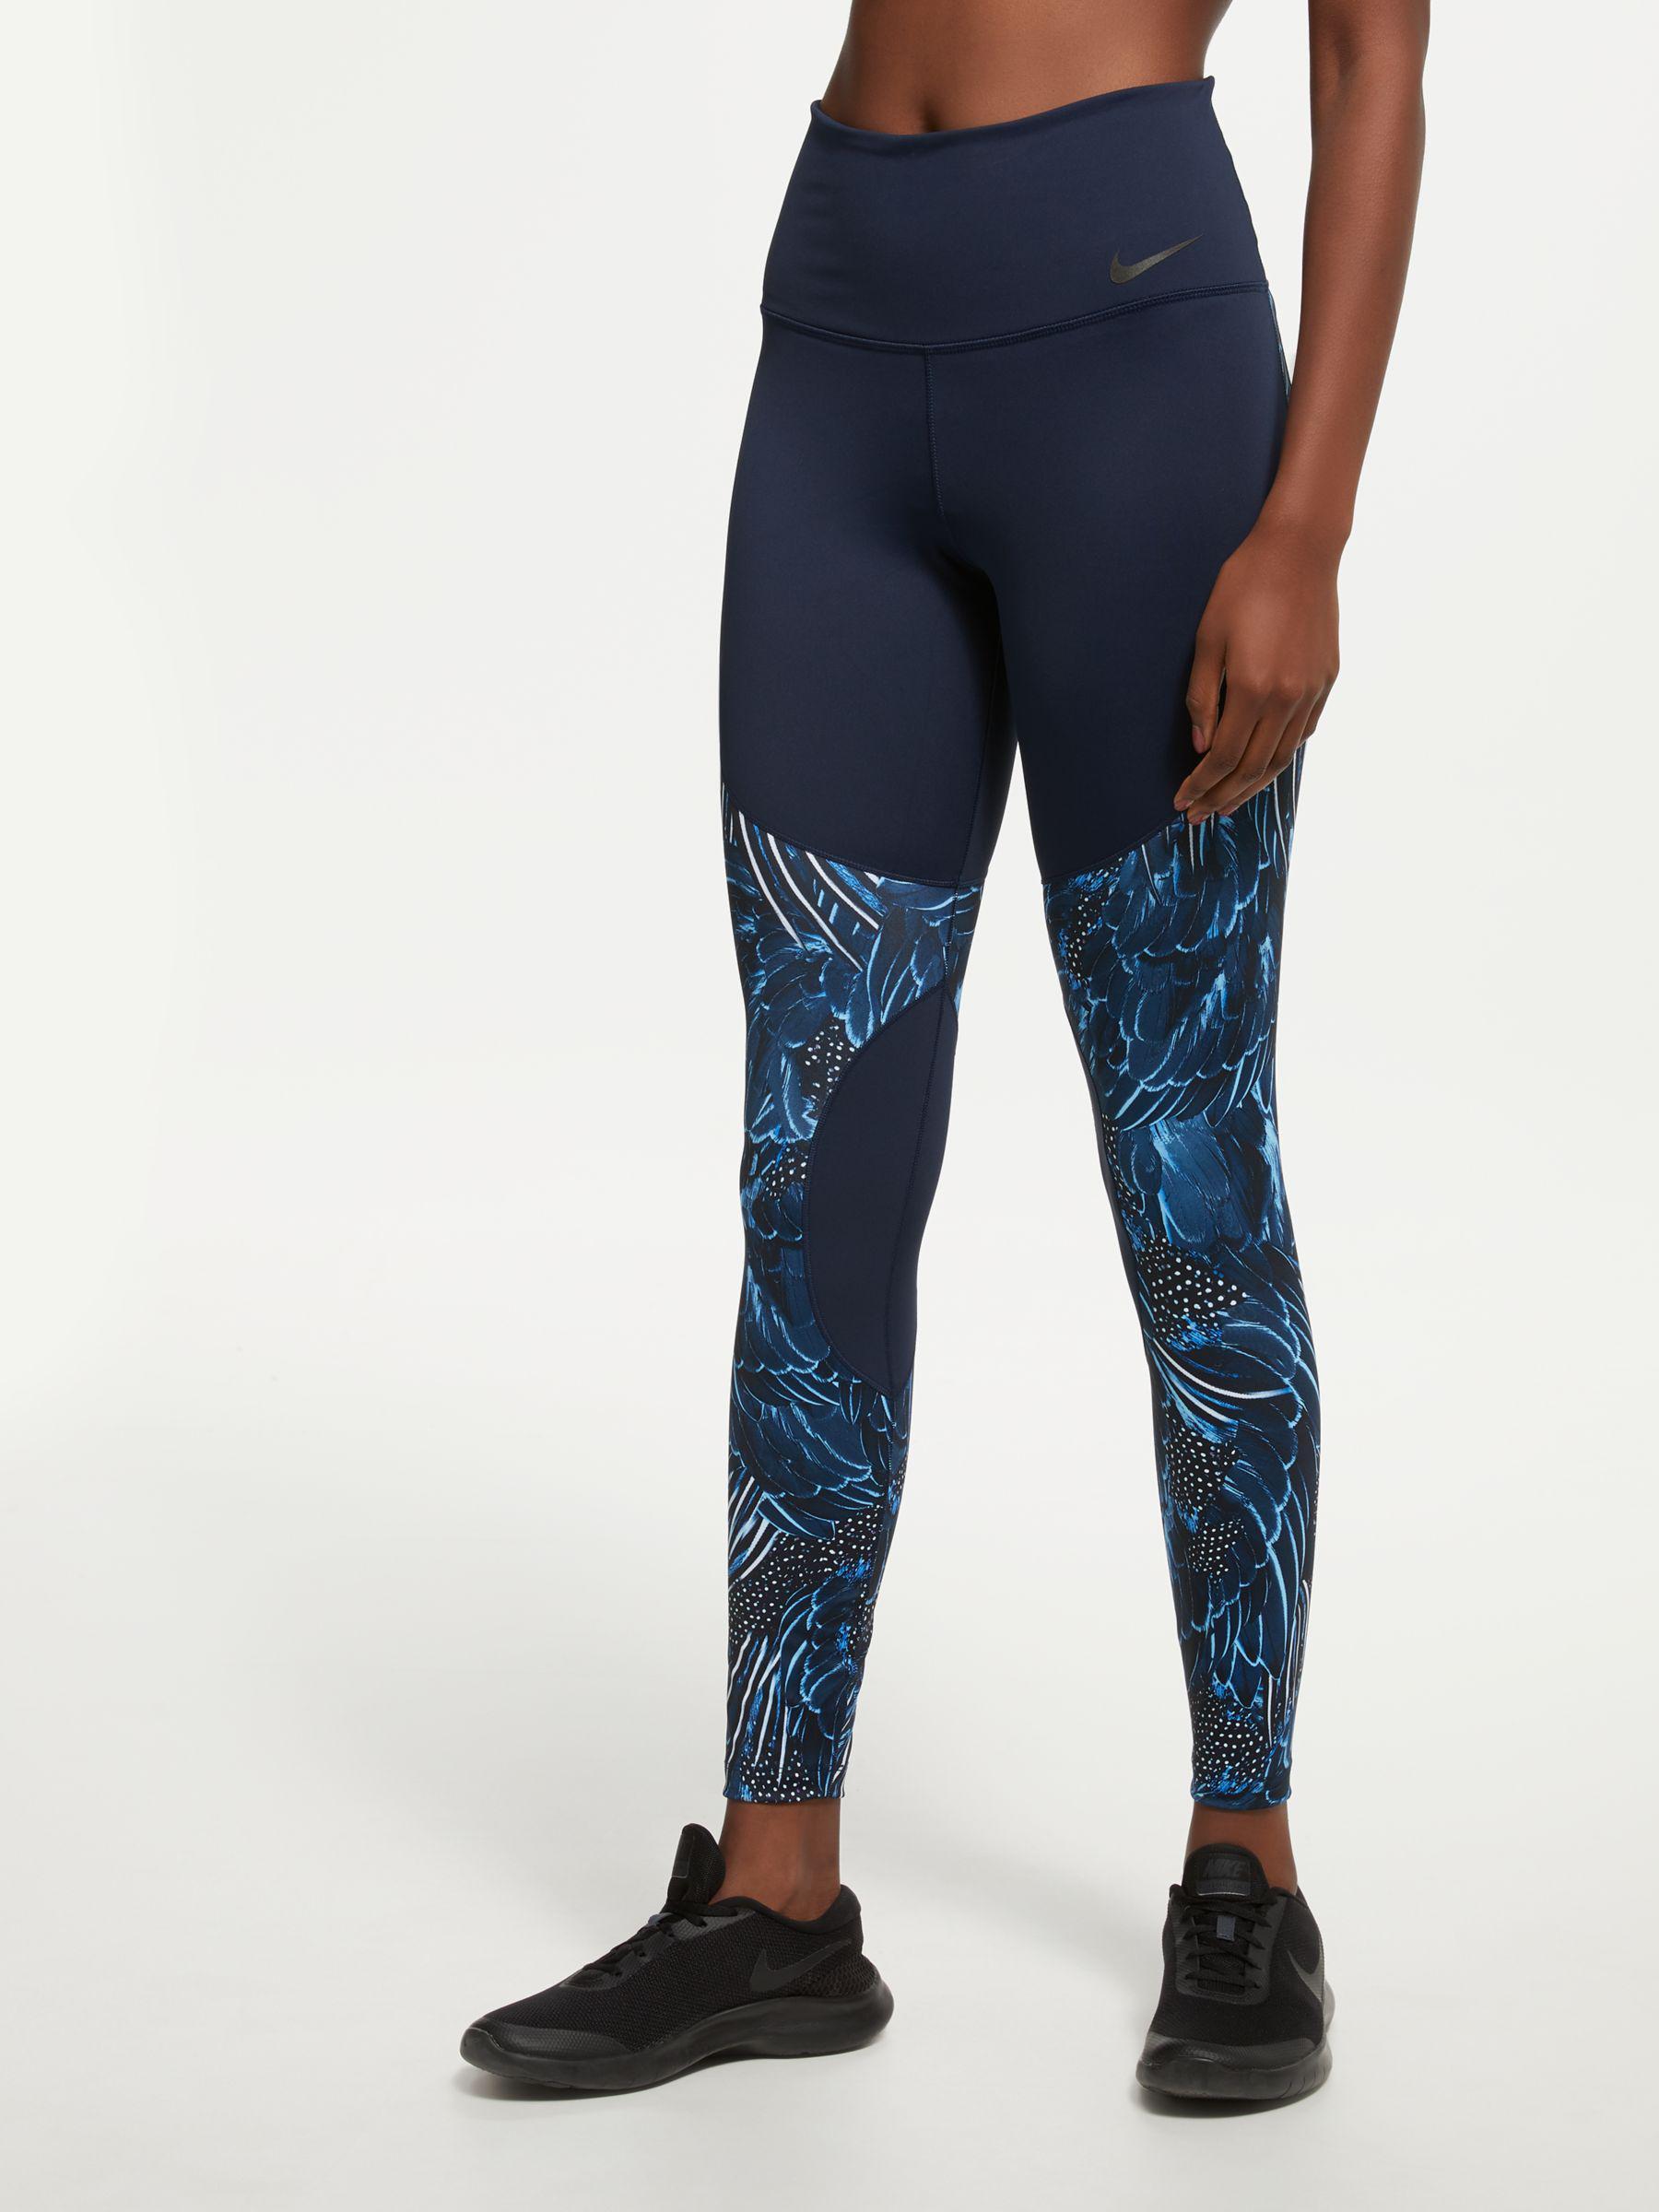 f3980dd7ddb0e Nike Power Women's Printed Training Tights in Blue - Lyst